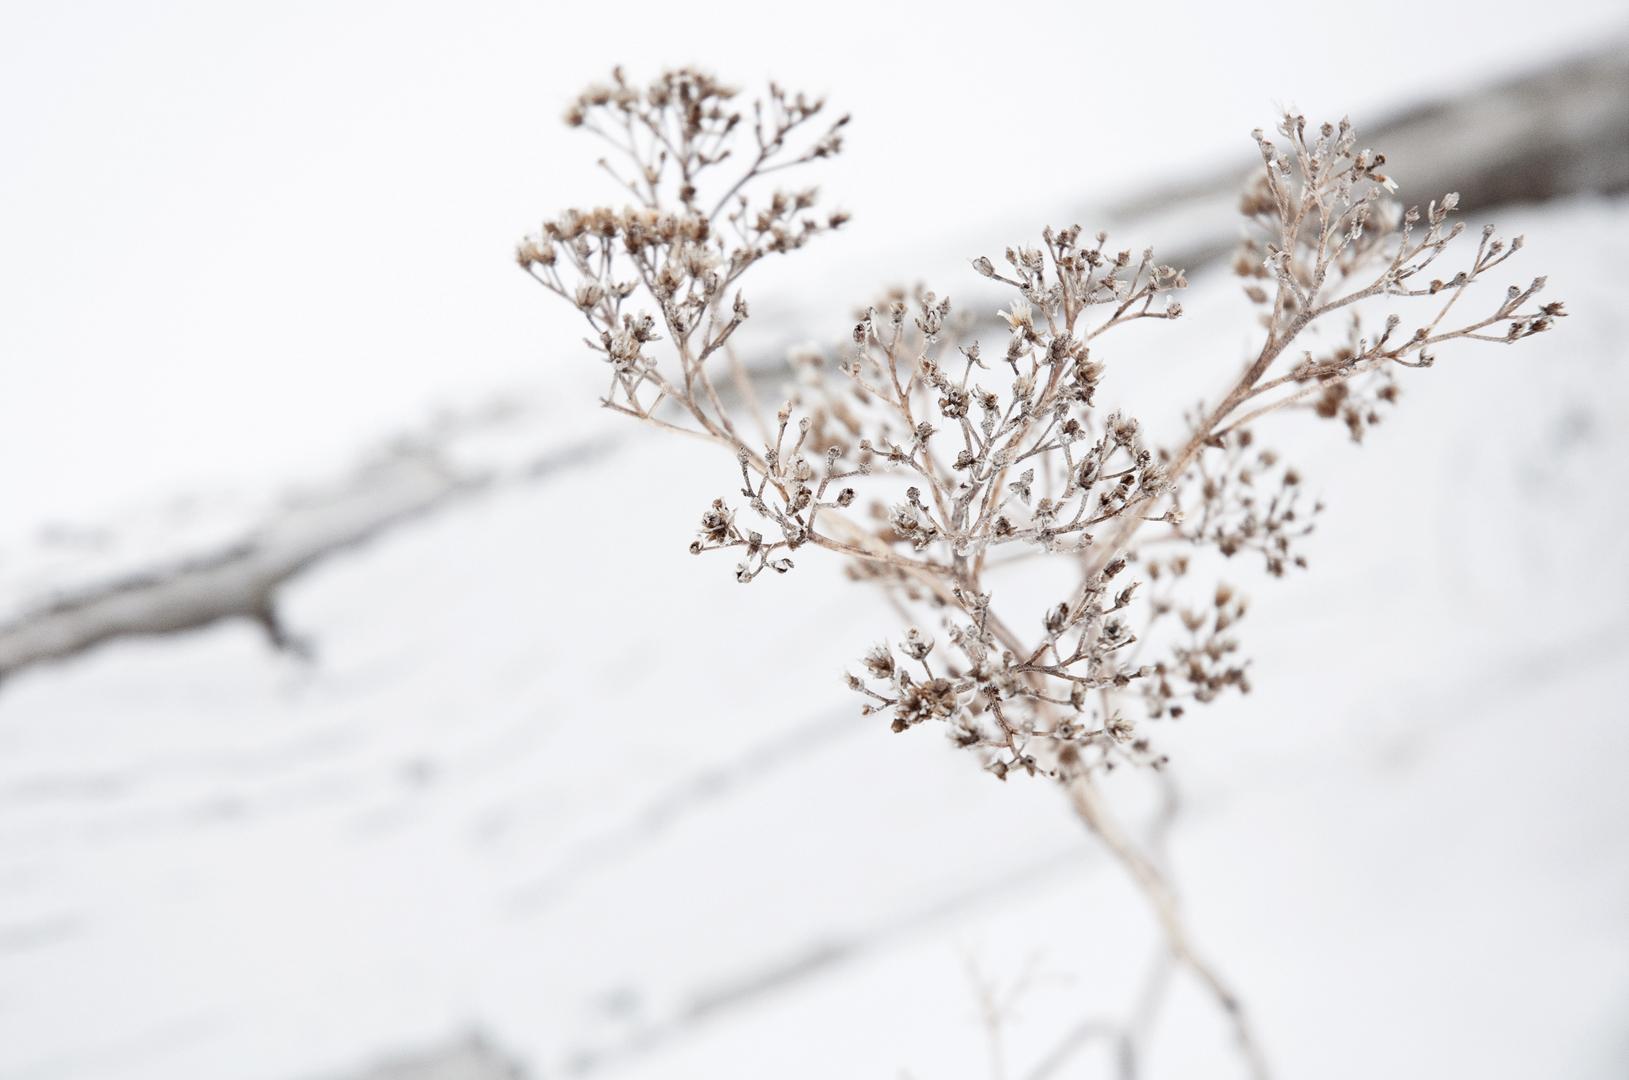 stem-on-whitecrop-flt.jpg